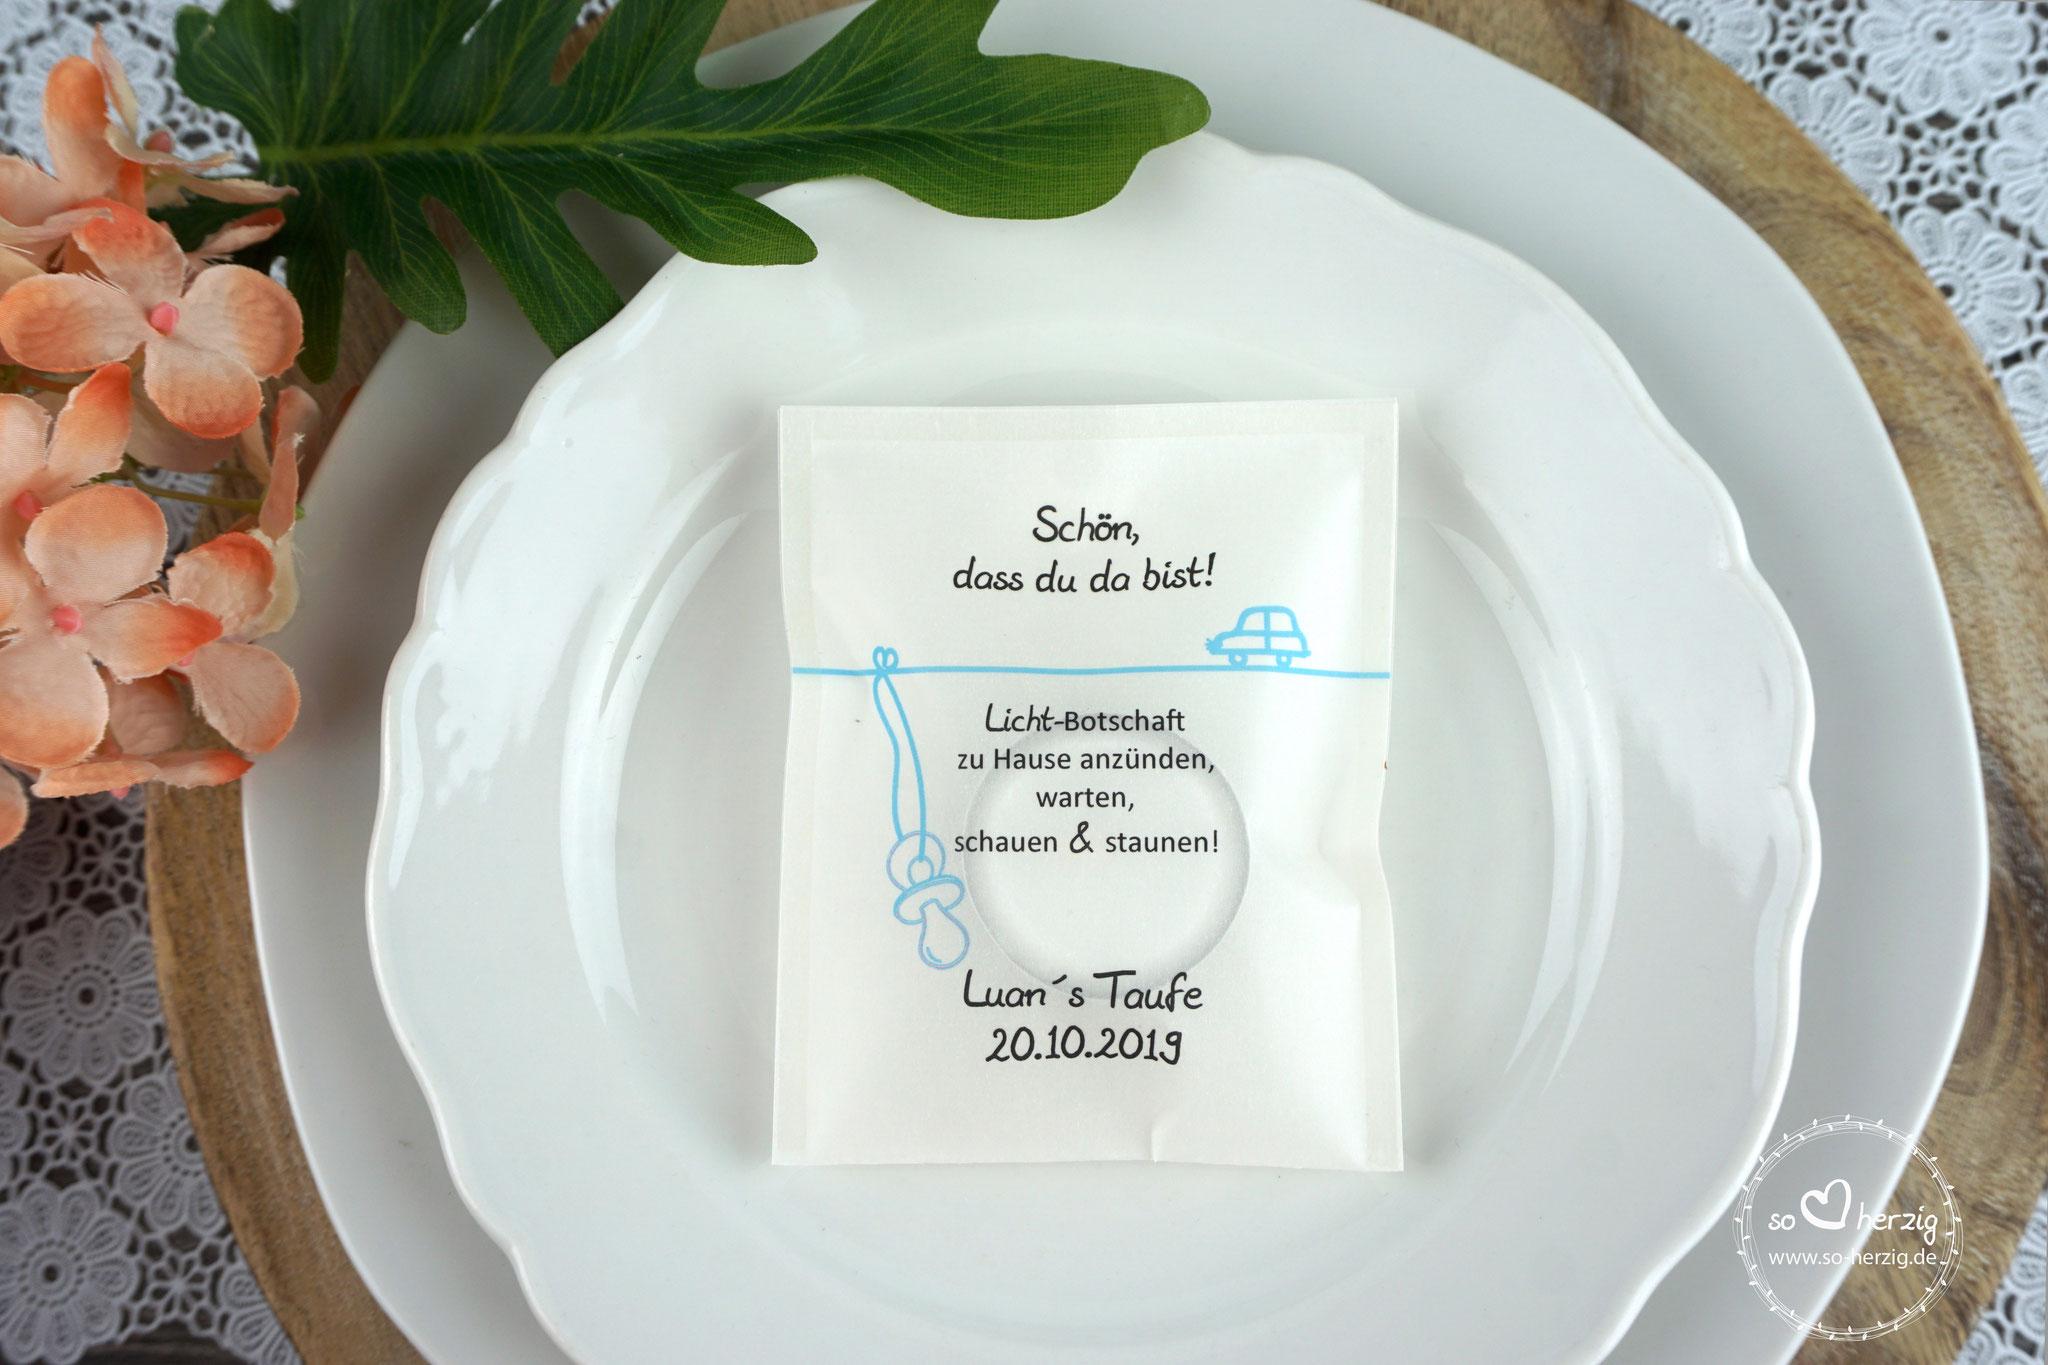 """Licht-Botschaft """"Verpackung als Platzkarte"""", Design """"Auto"""" Hellblau, Schrift Julius B Thyssen"""